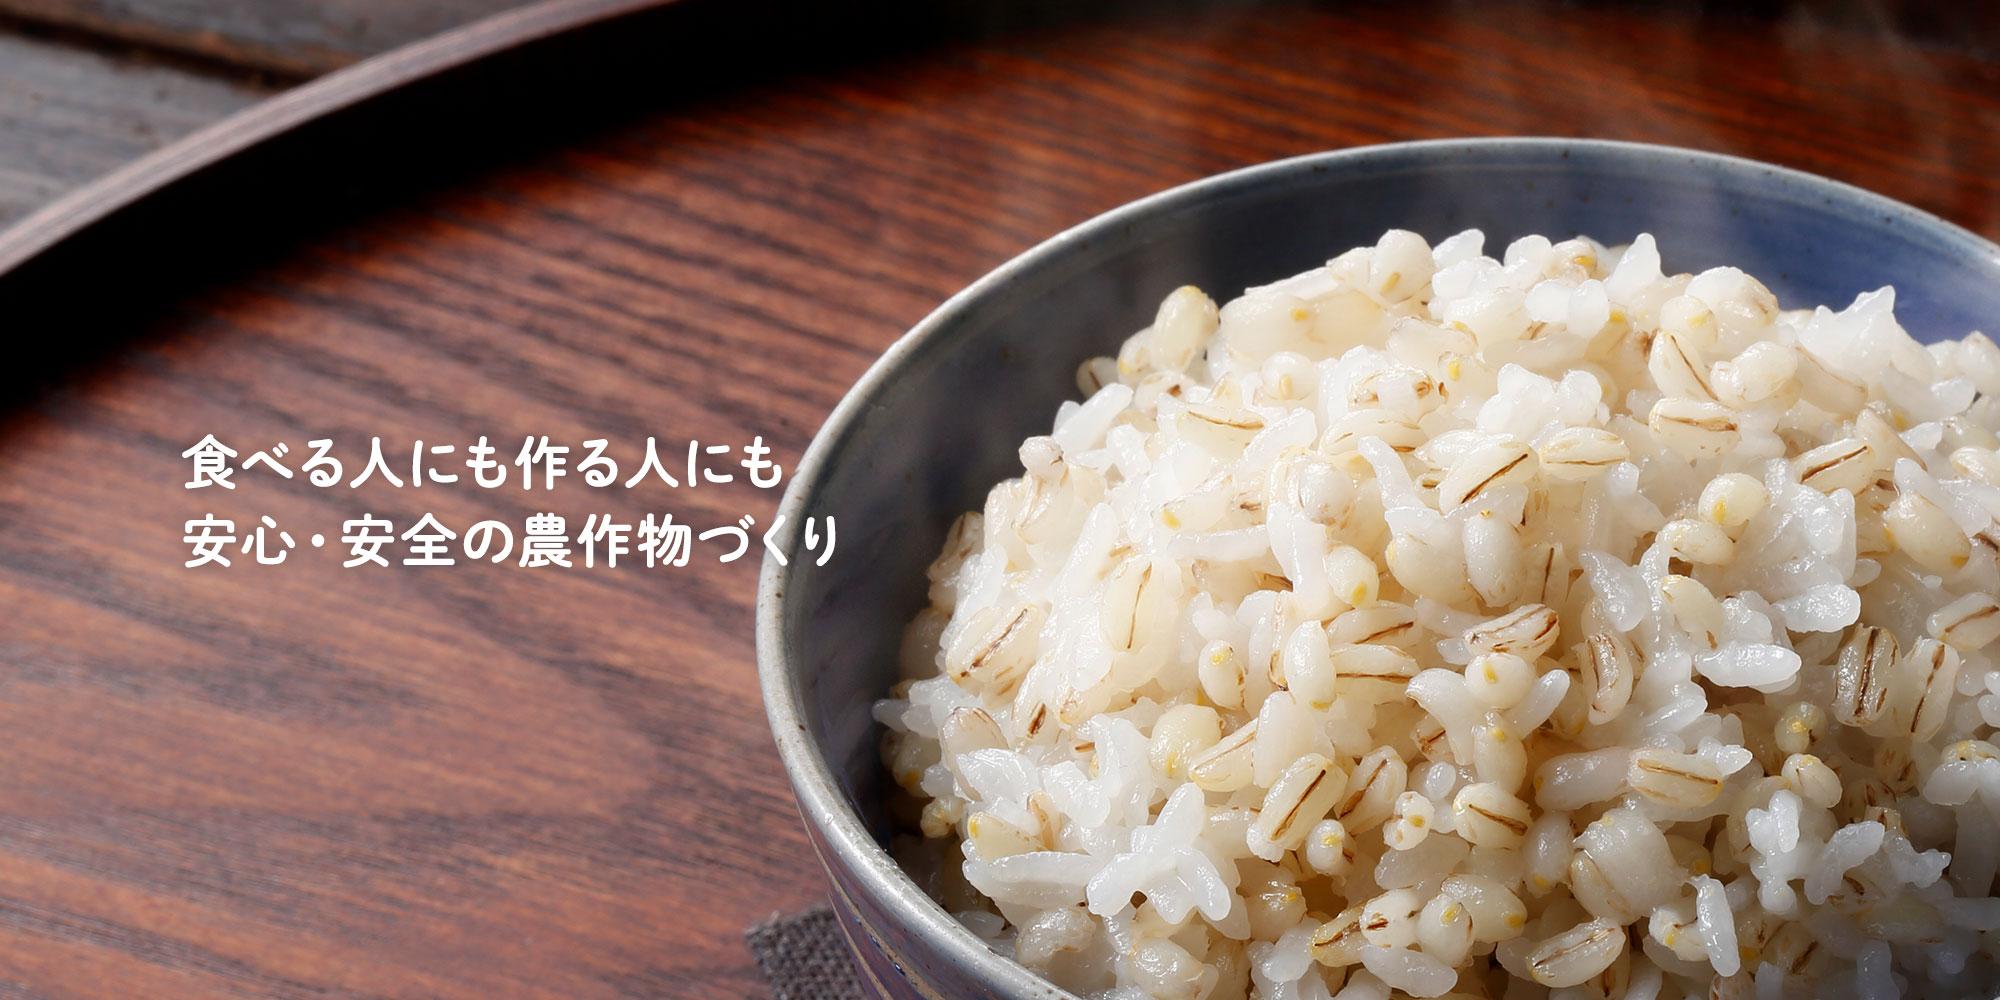 青森県産もち麦 もち性大麦新品種「はねうまもち」